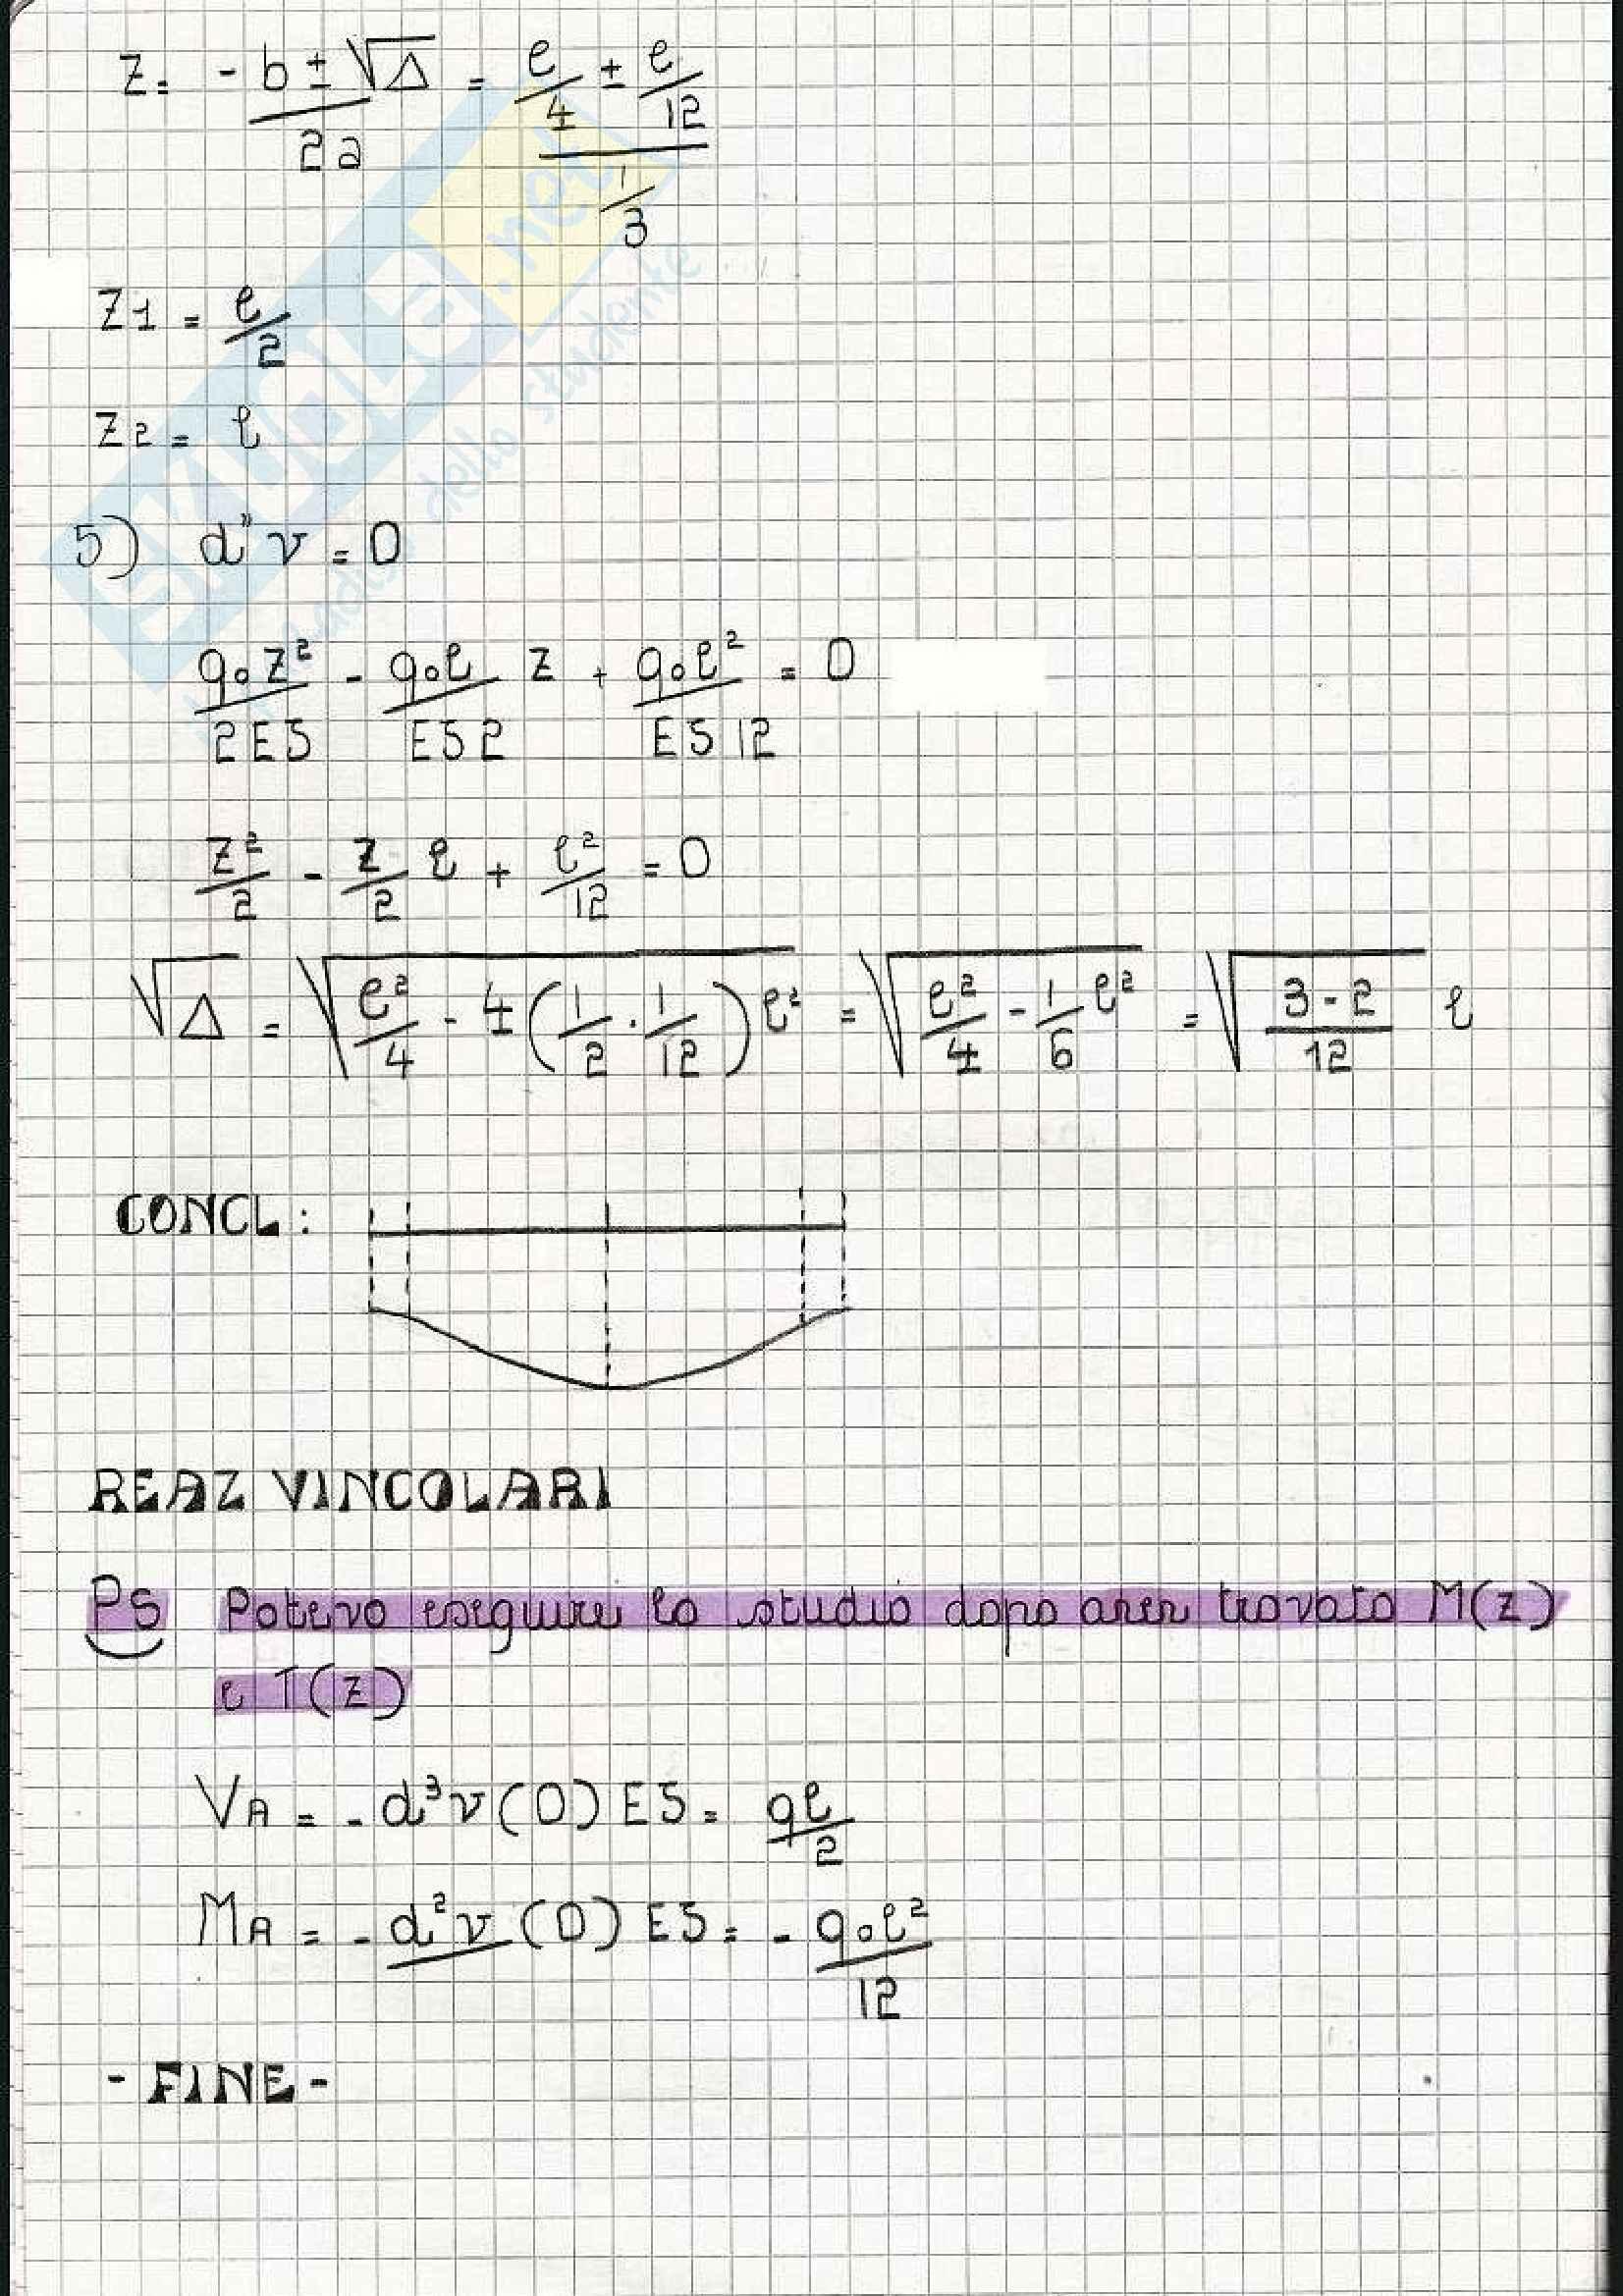 Scienza delle costruzioni - Esercizi sulla linea elastica e Mohr Pag. 51